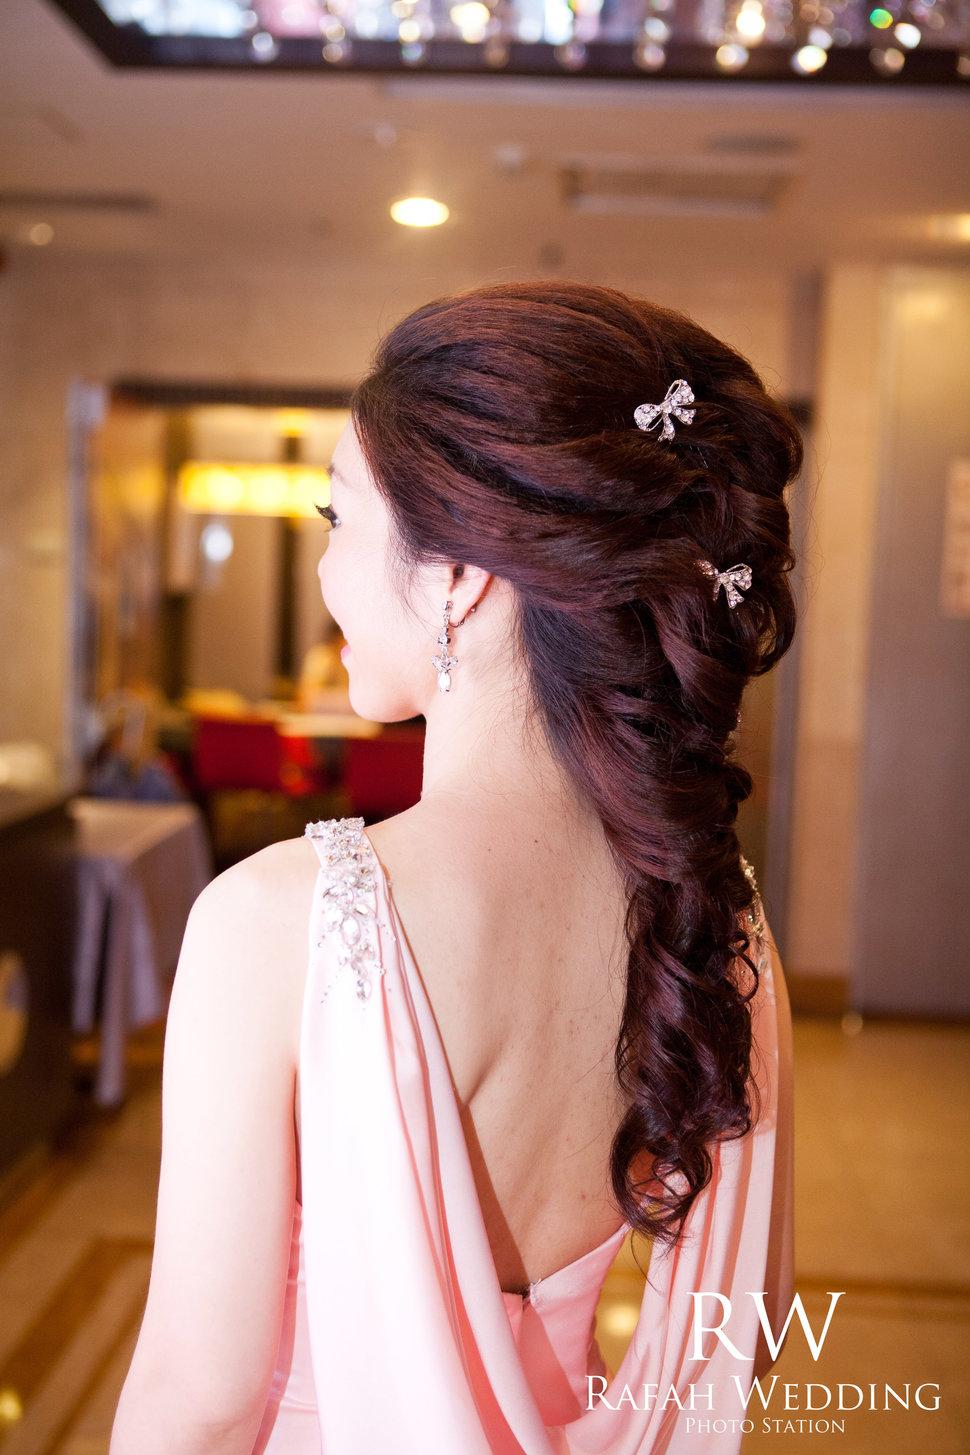 (編號:550185) - 菈法婚紗工作室 - 結婚吧